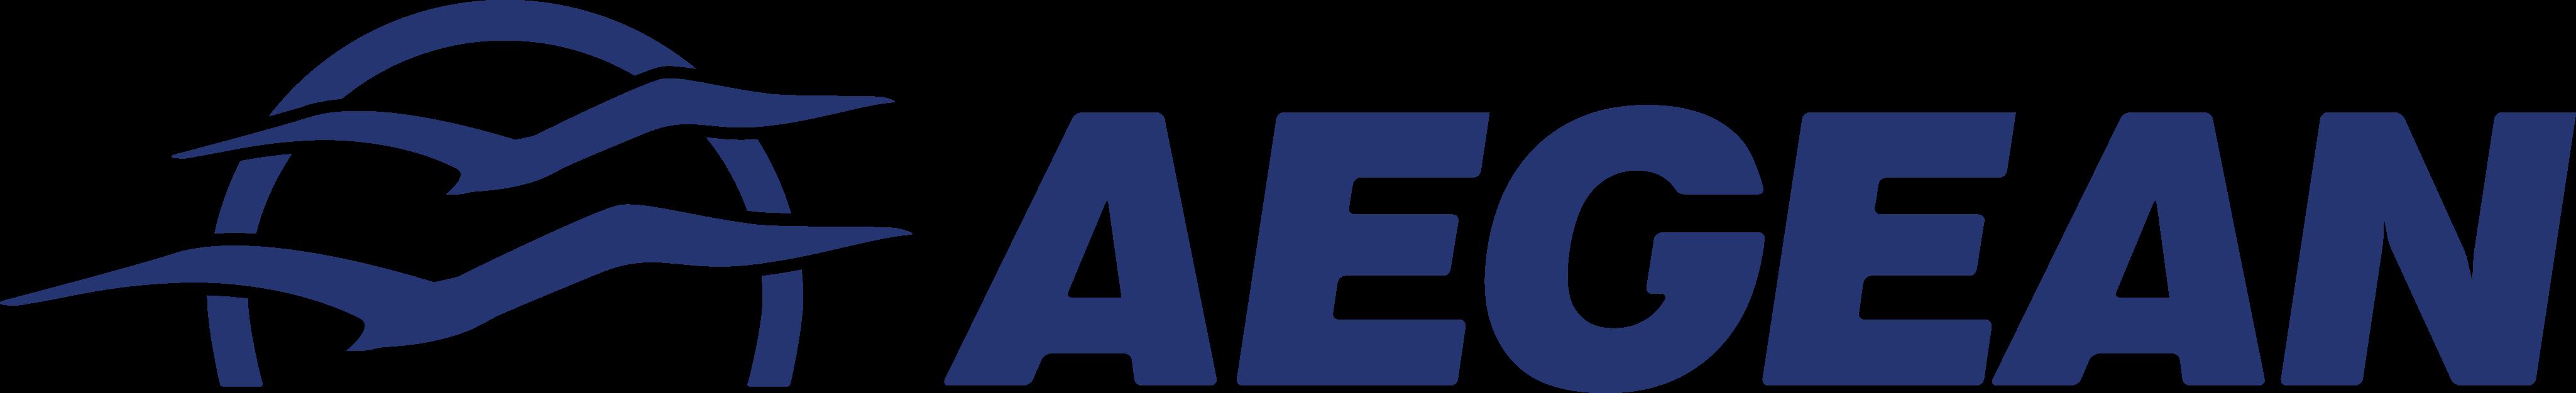 aegean logo - Aegean Airlines Logo